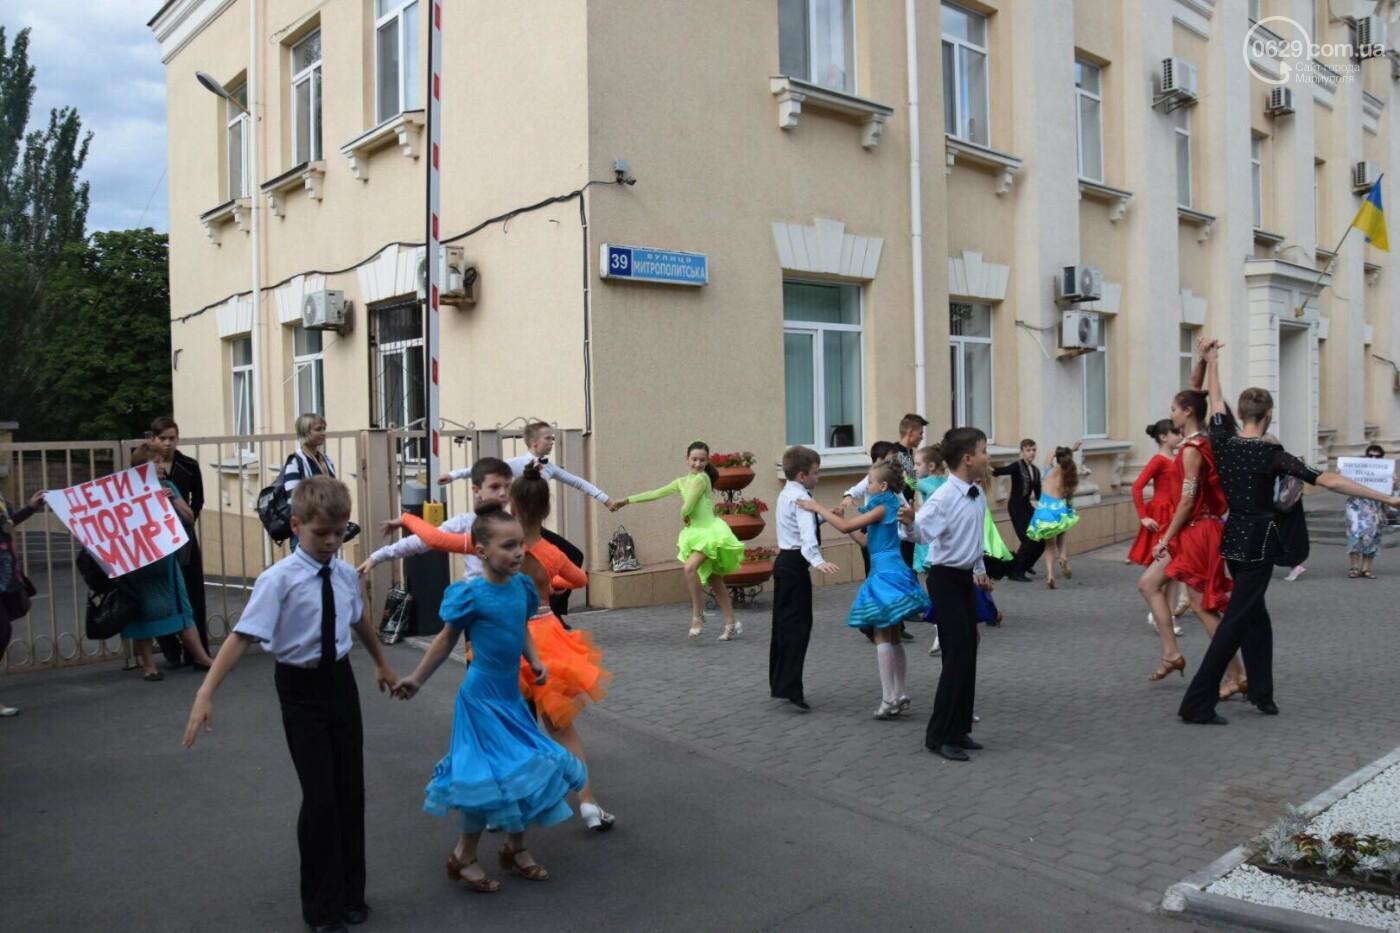 """Спасение """"Зироньки"""": в  Мариуполе дети устроили танцевальный флешмоб под зданием мэрии, - ФОТО, фото-5"""